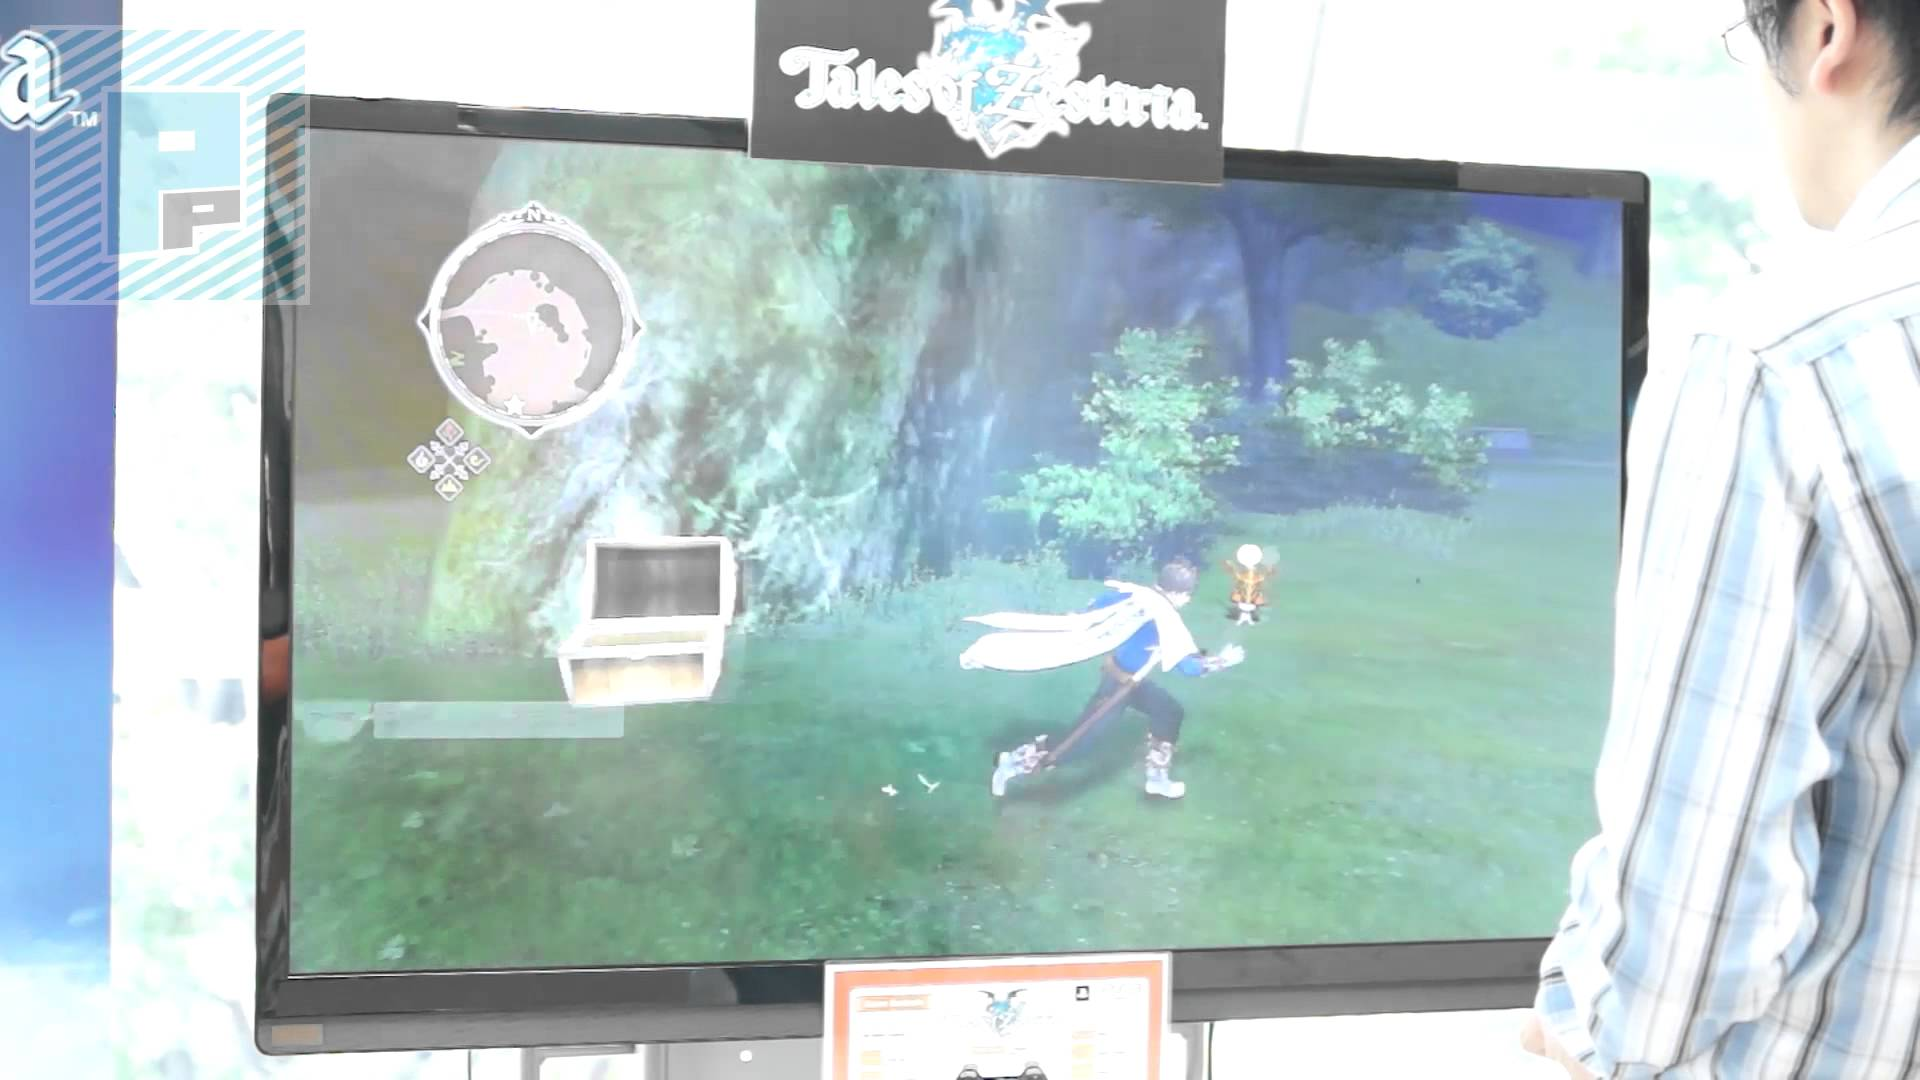 『テイルズ オブ ゼスティリア』10分にわたるTGSデモのCam撮りプレイ動画